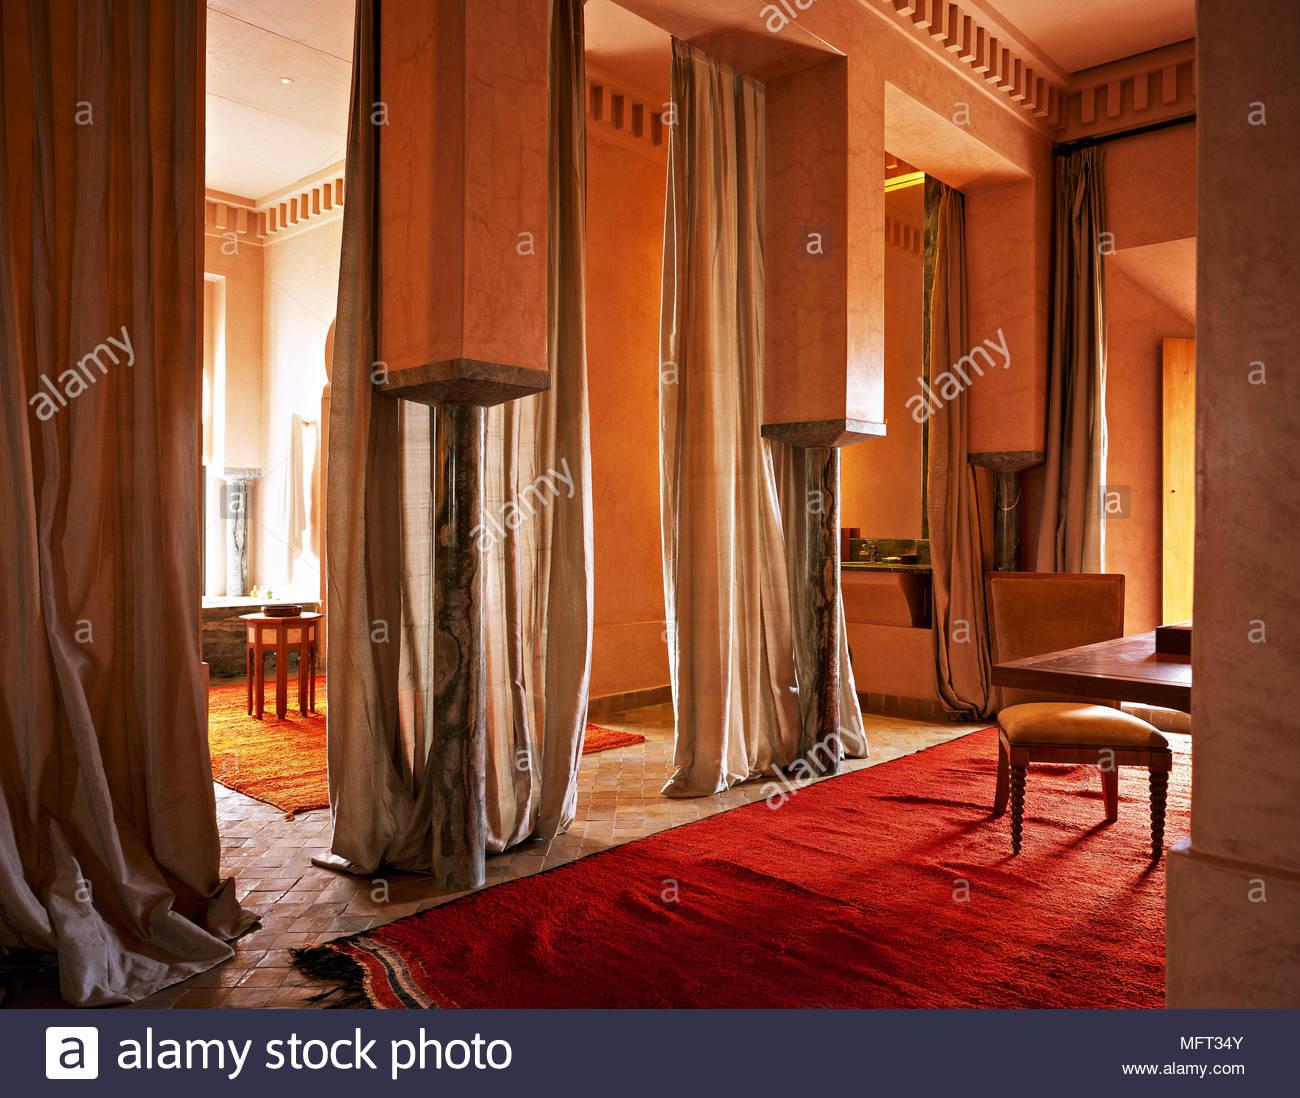 Full Size of Stehlampe Wohnzimmer Vitrine Weiß Vinylboden Tapete Tischlampe Anbauwand Hängeleuchte Dekoration Schrankwand Deckenleuchten Deko Gardinen Für Deckenlampe Wohnzimmer Vorhänge Wohnzimmer